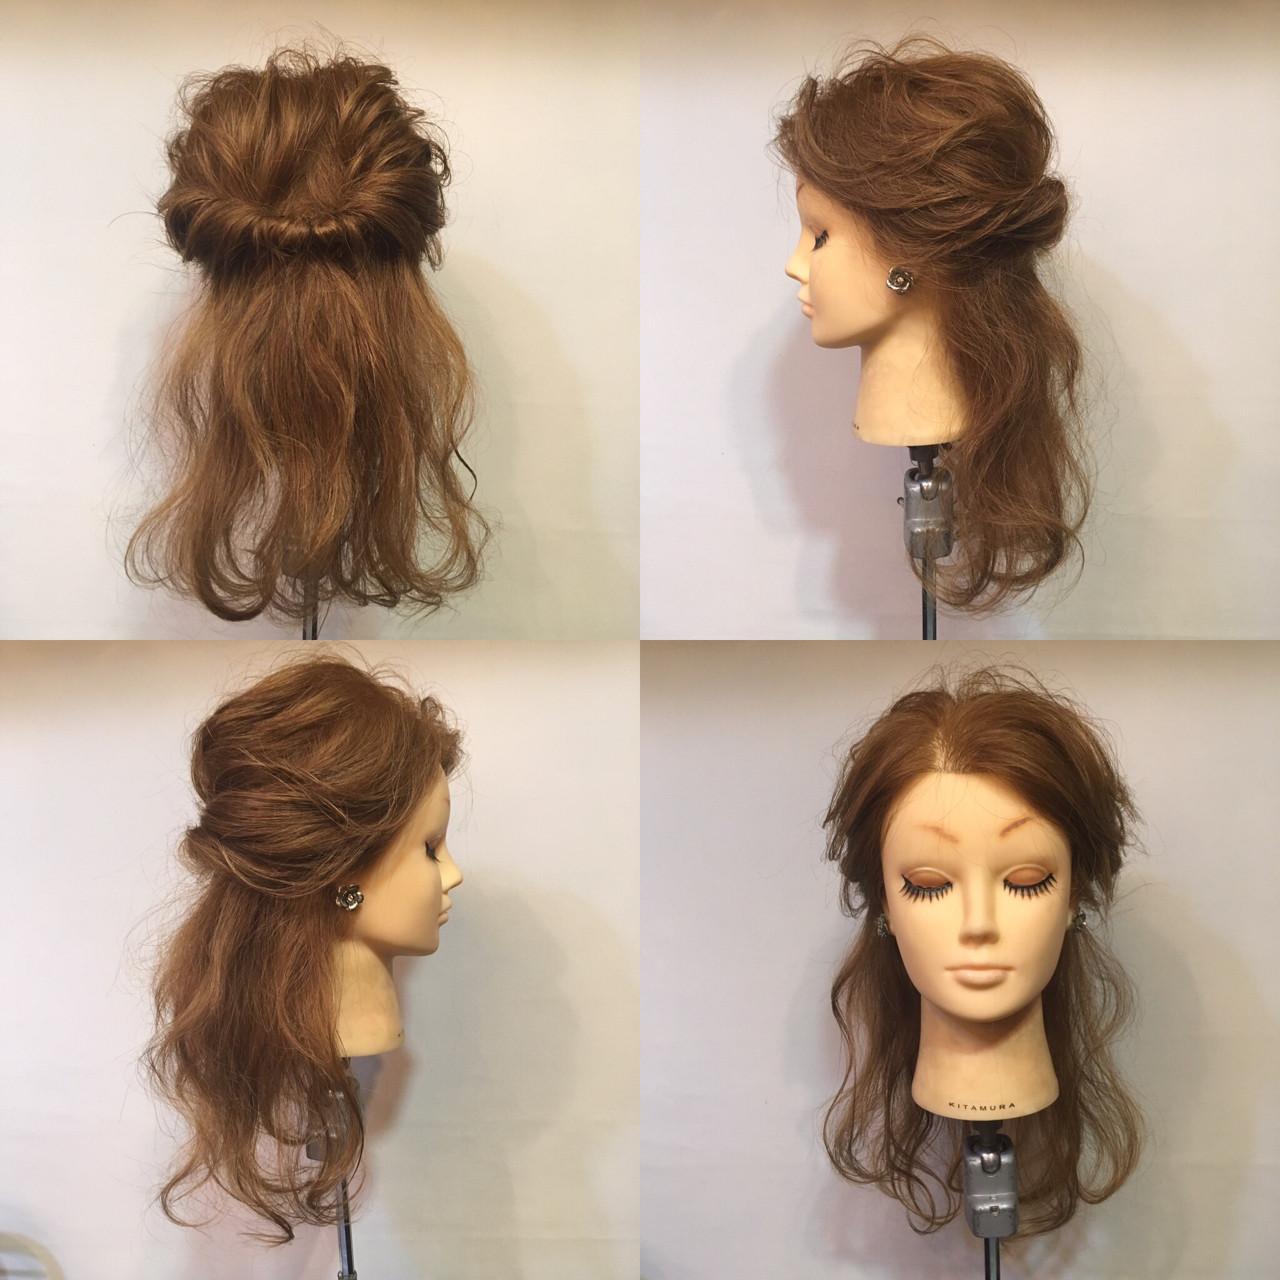 ヘアアレンジ ハーフアップ セミロング 波ウェーブ ヘアスタイルや髪型の写真・画像 | 鈴木 健太郎 / ShuKRun